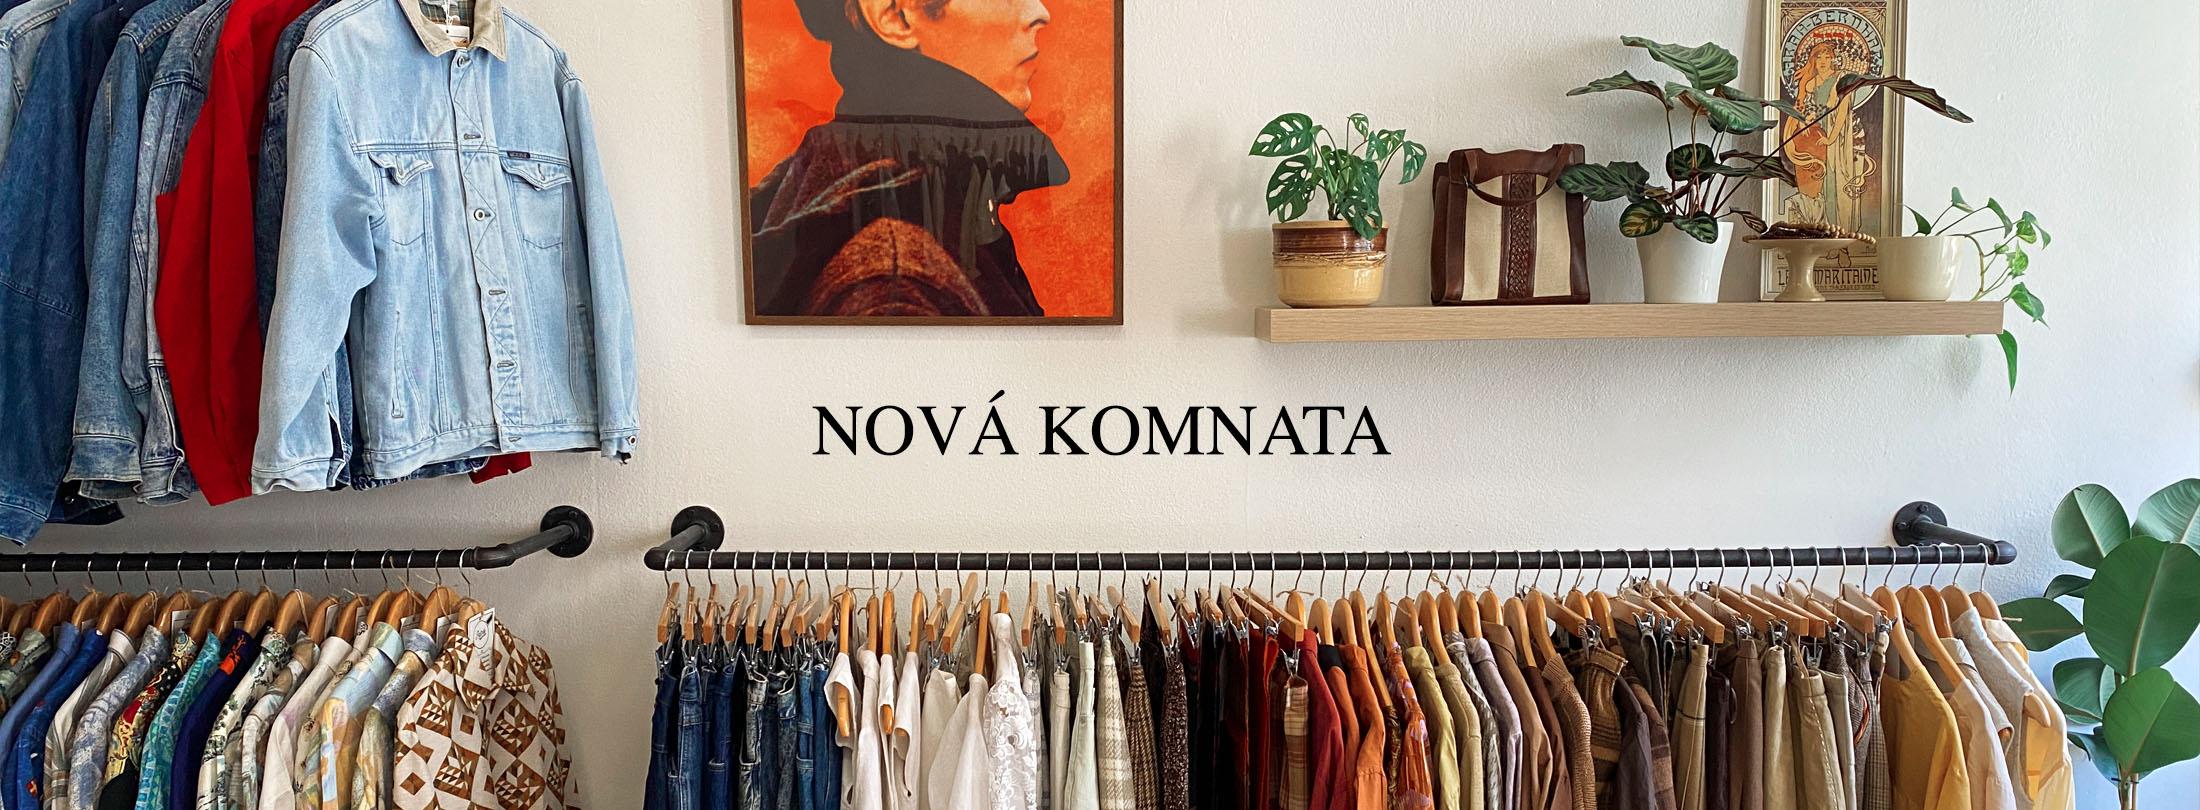 NOVÁ KOMNATA